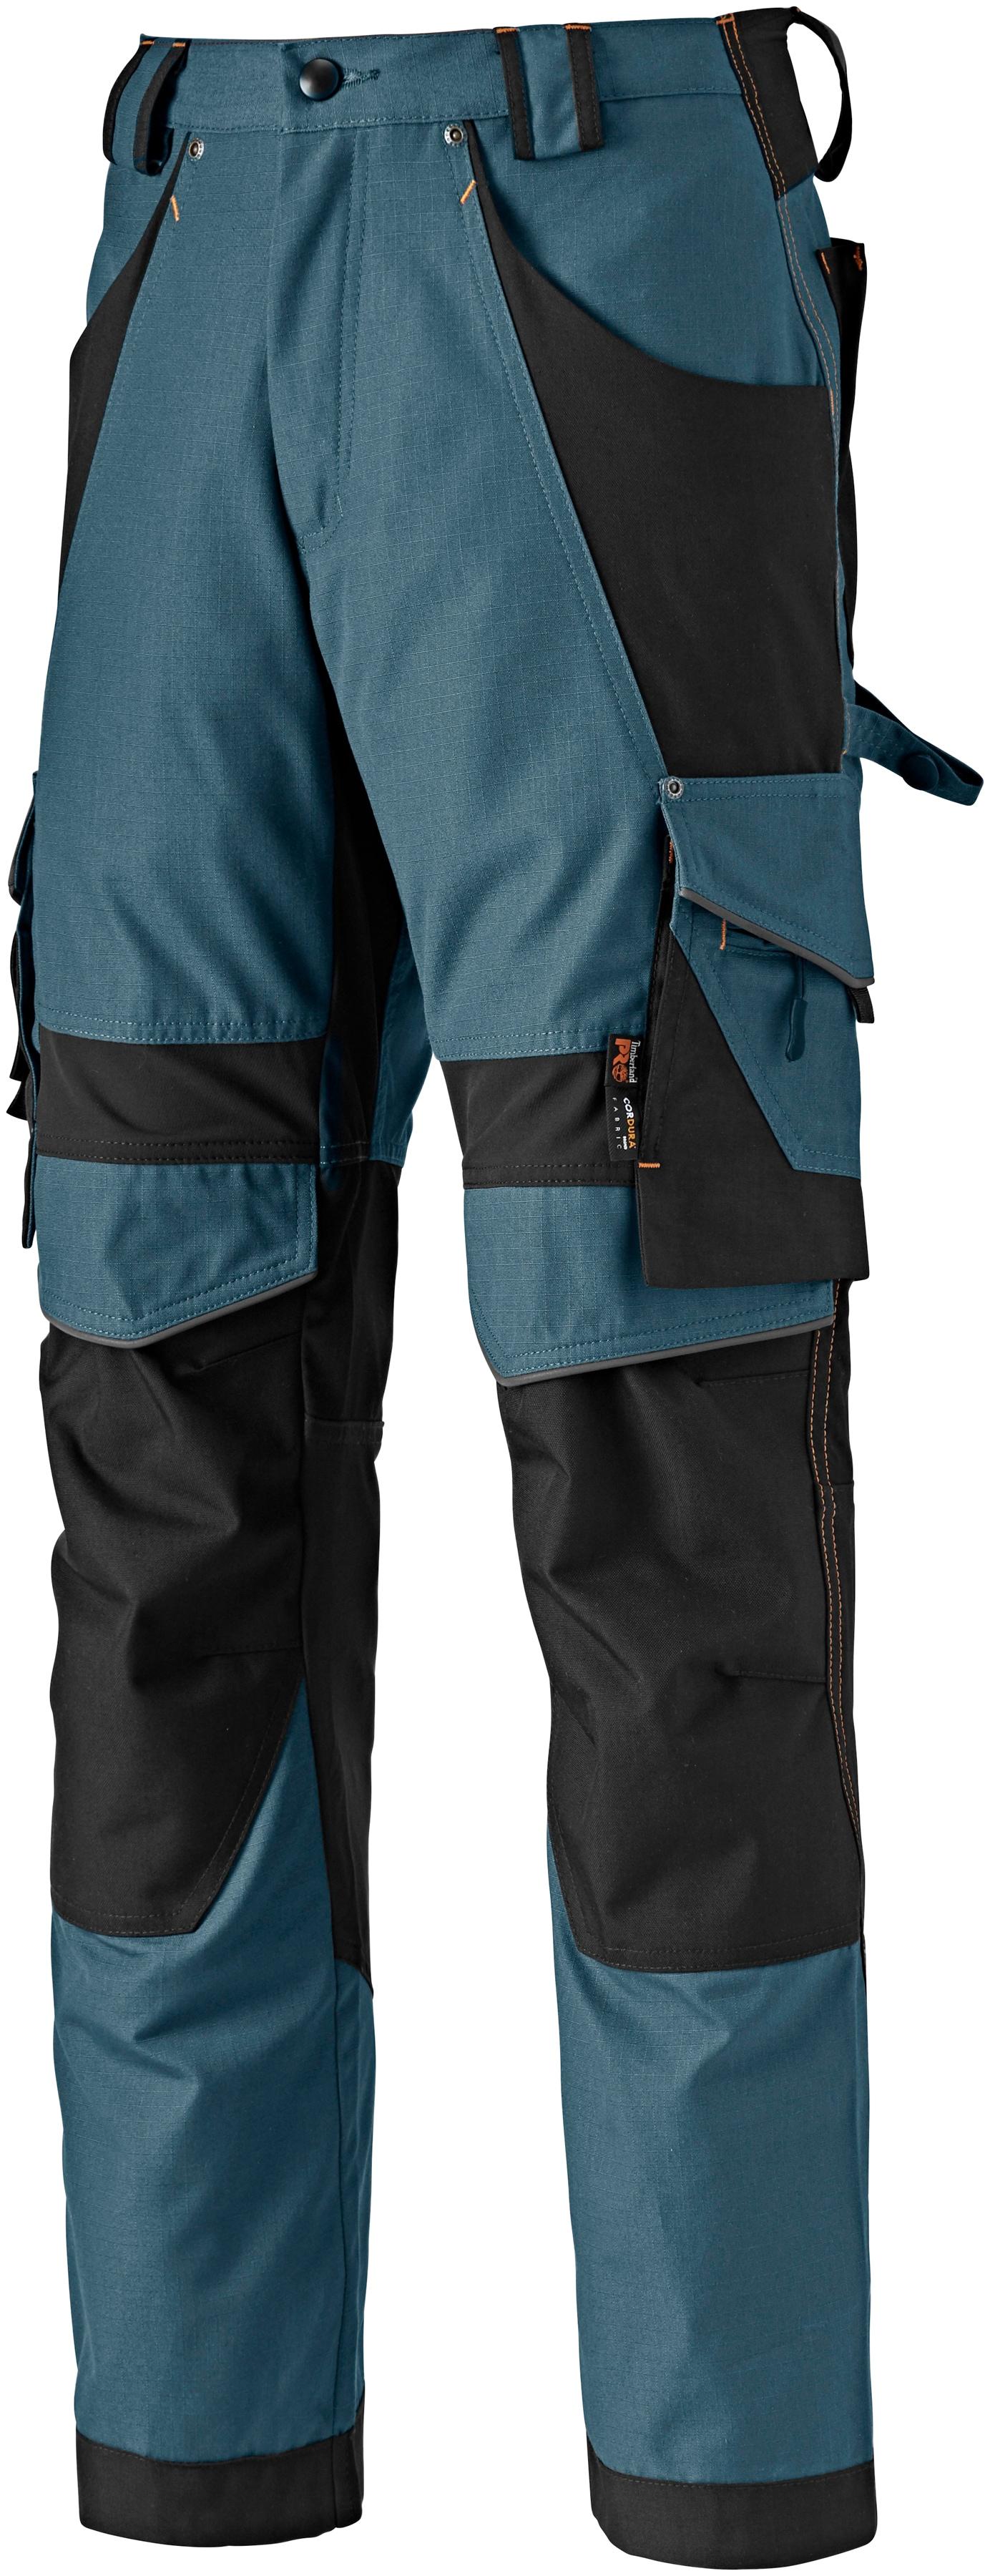 Timberland Pro Arbeitshose Interax blau Herren Arbeitshosen Arbeits- Berufsbekleidung